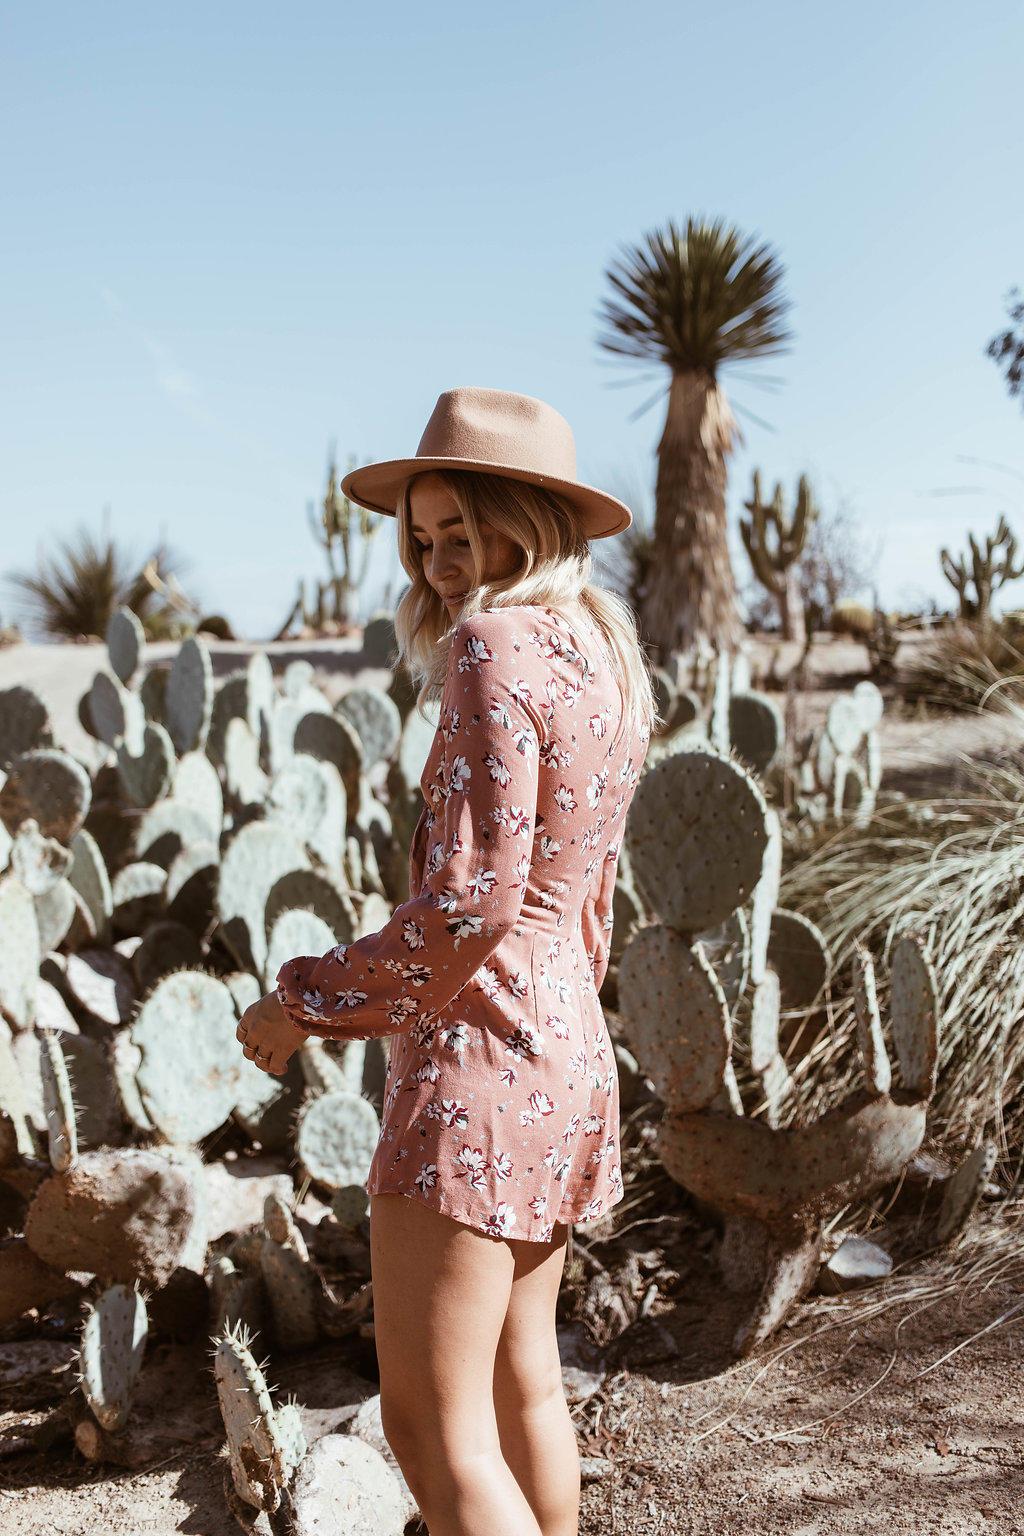 balboa park cactus garden